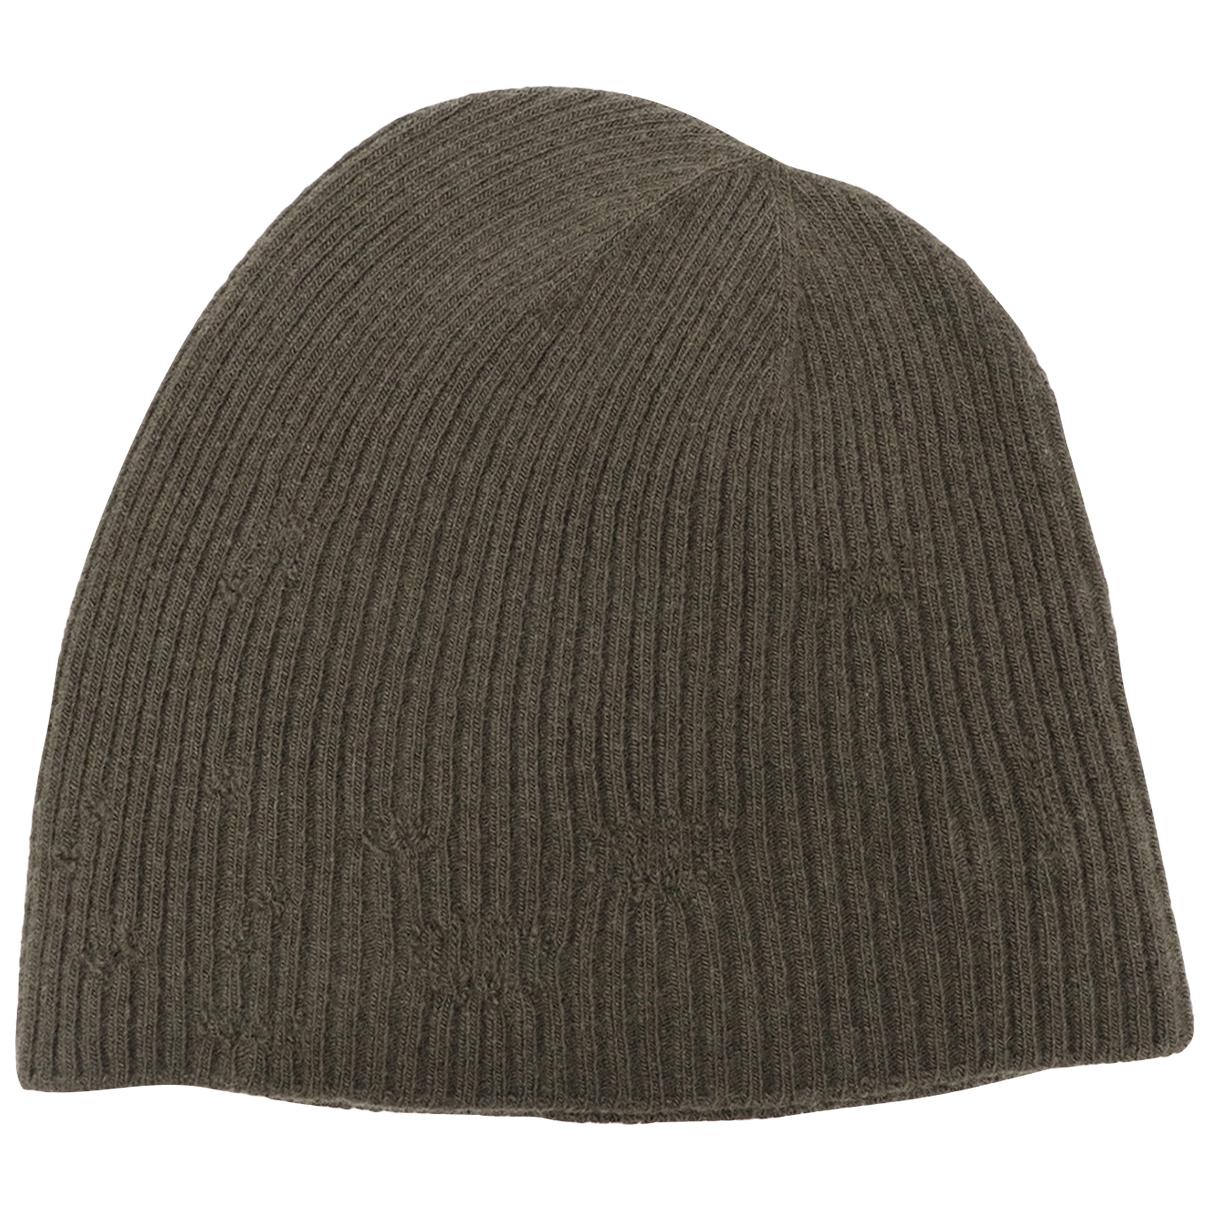 Julius 7 - Chapeau & Bonnets   pour homme en laine - vert